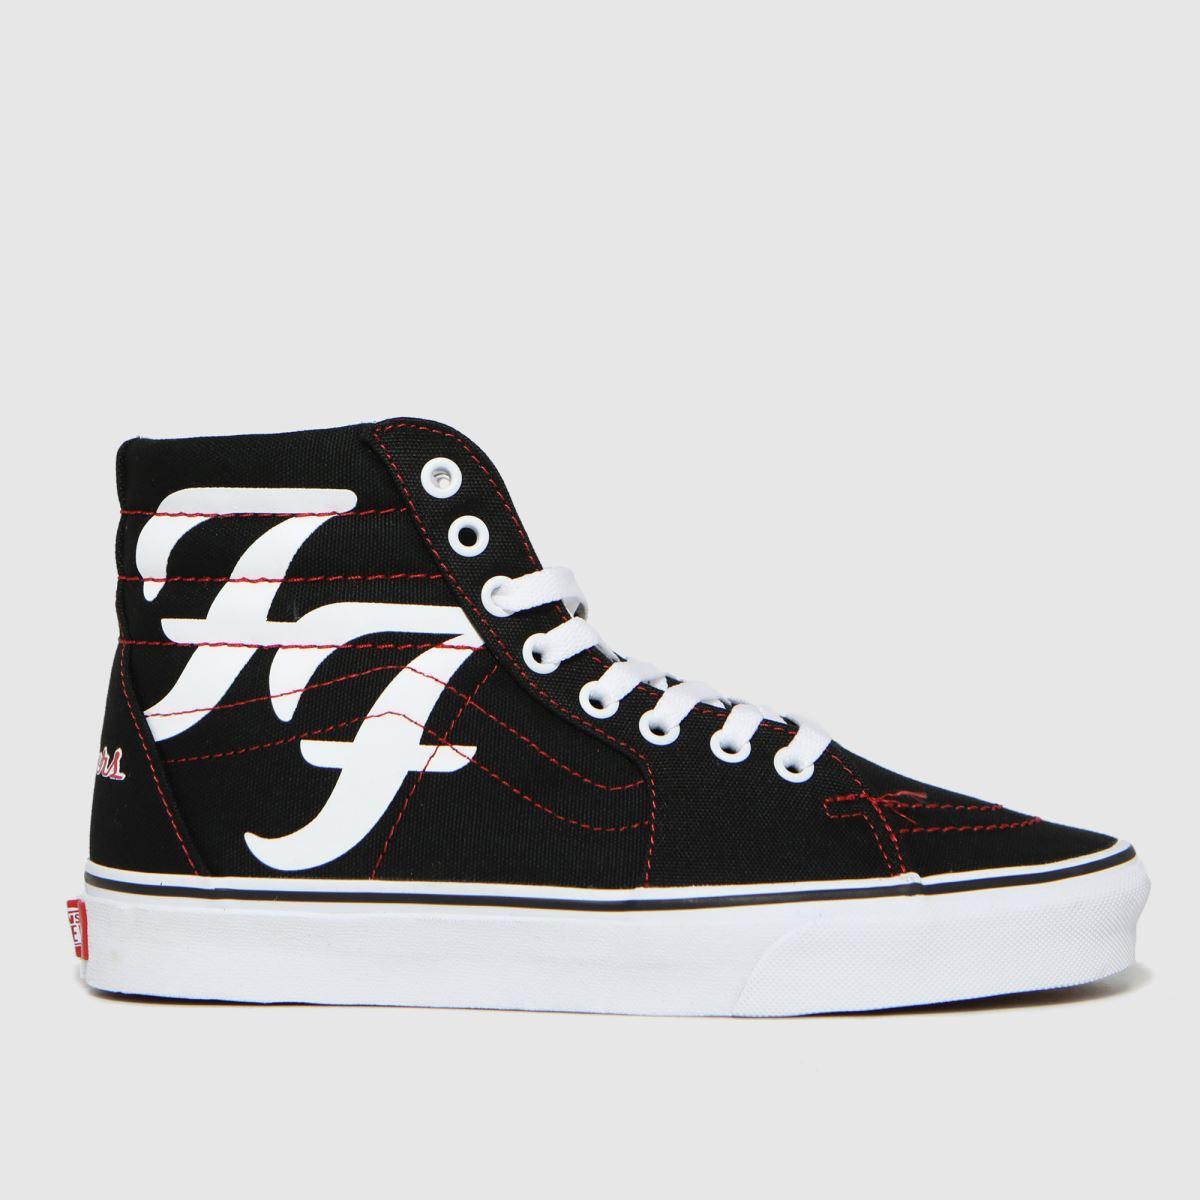 Vans Black & White Sk8-hi Foo Fighters 25th Trainers